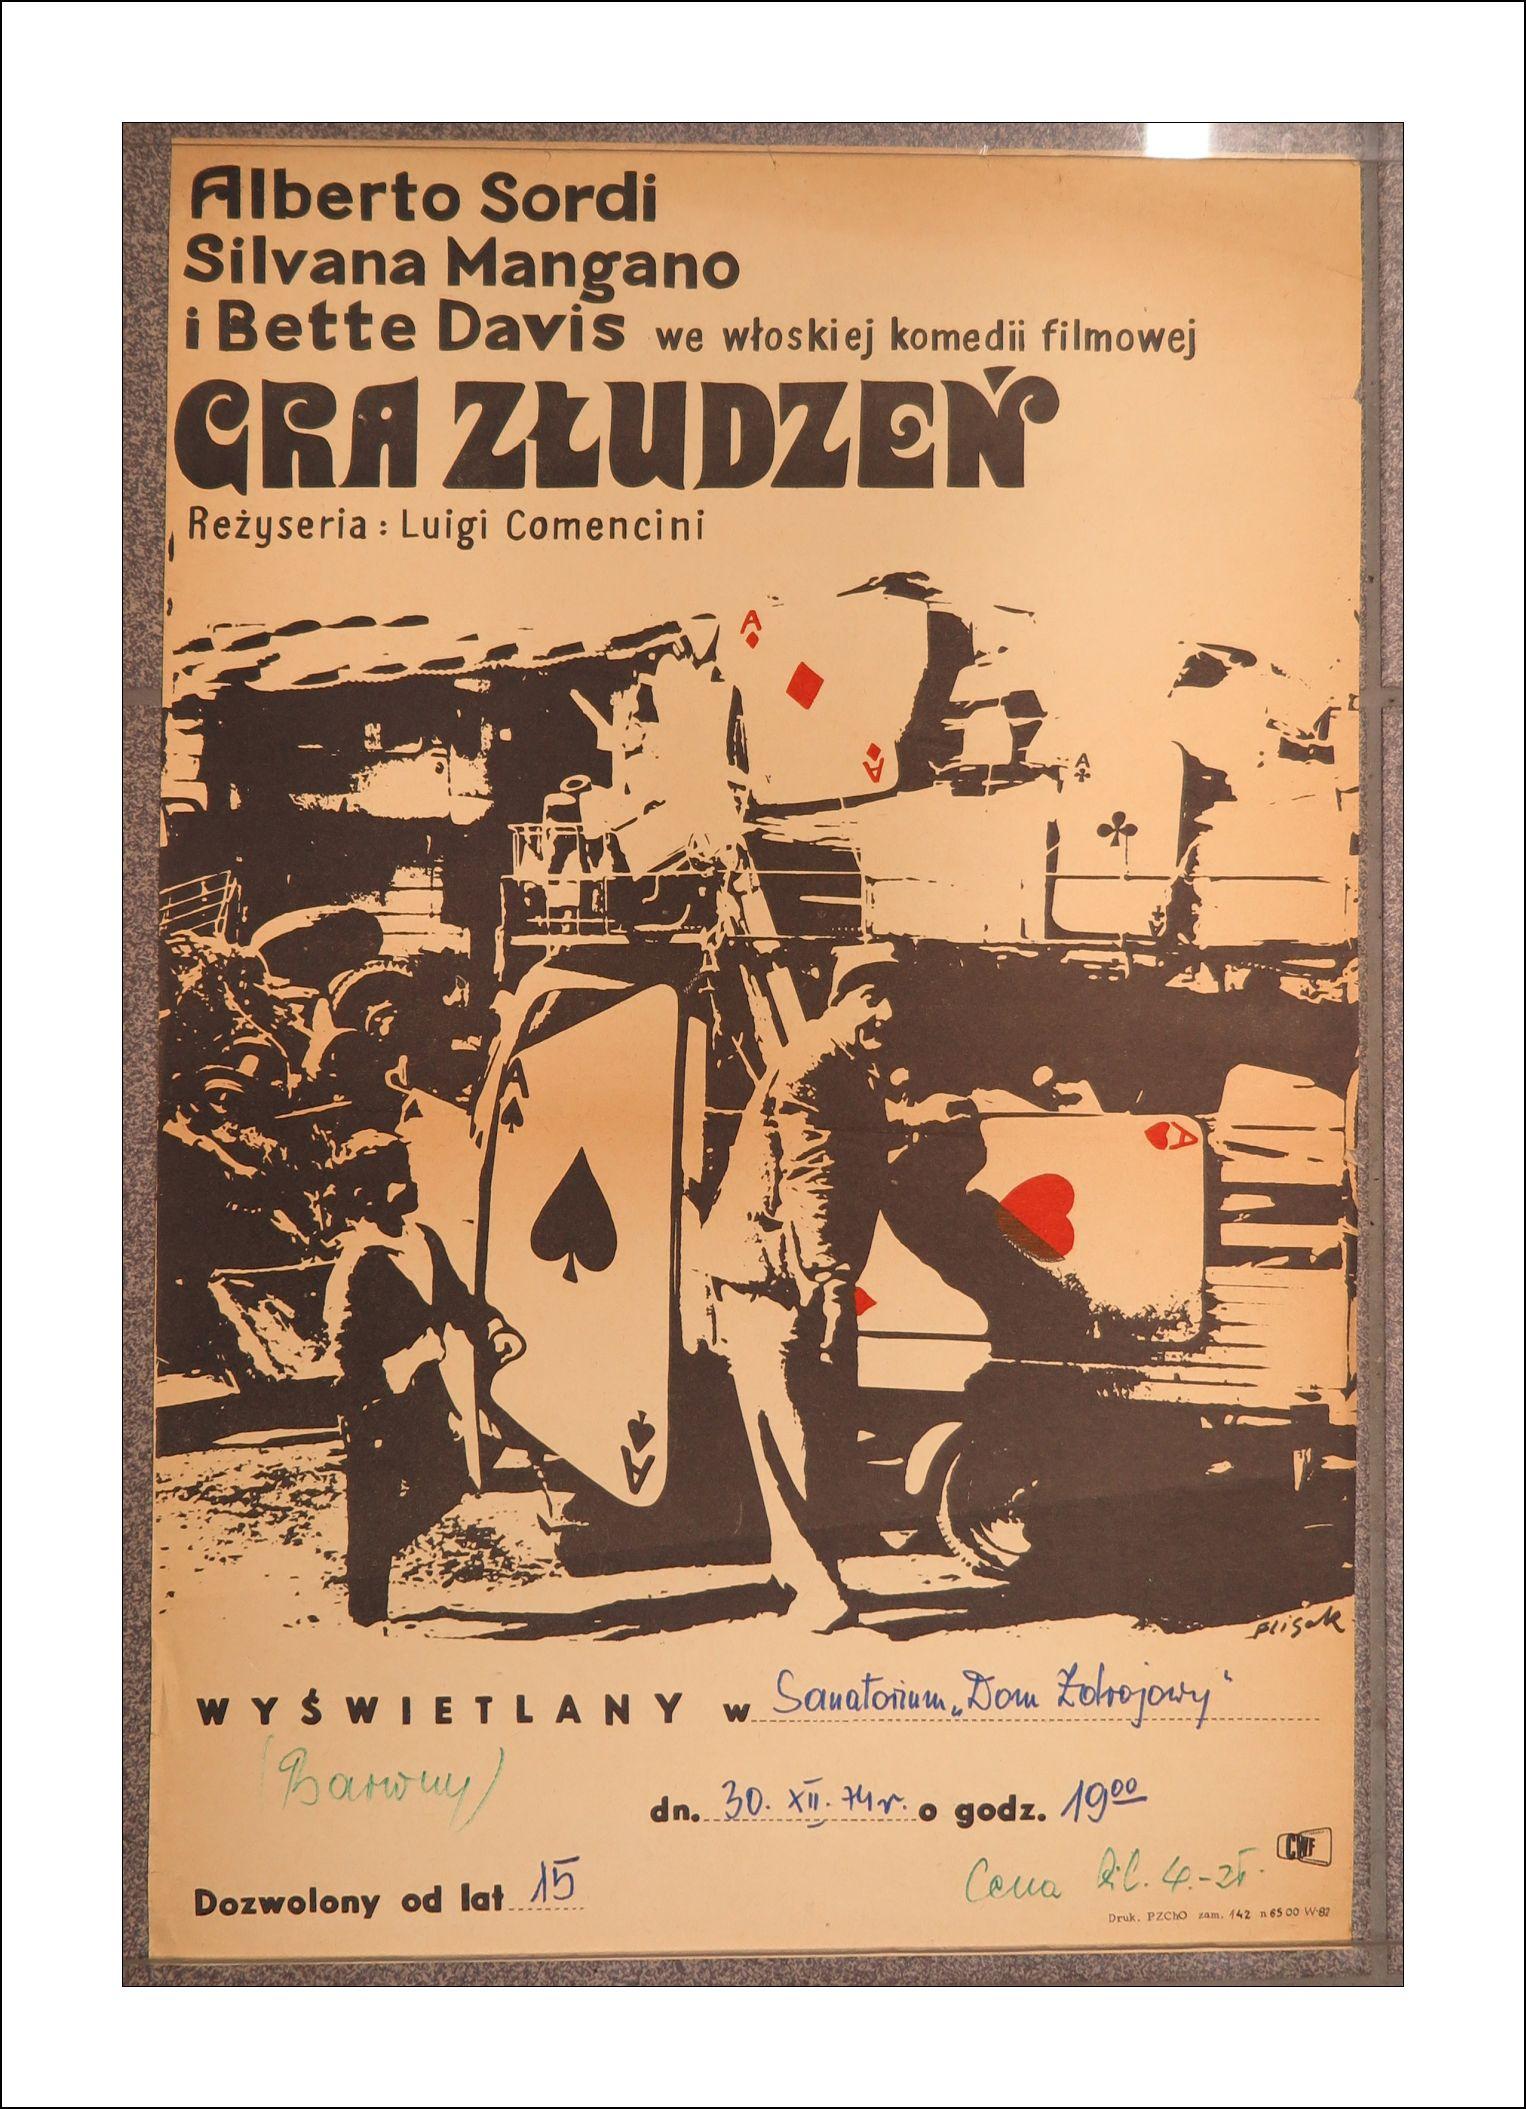 Stary Plakat Filmowy Gra Złudzeń